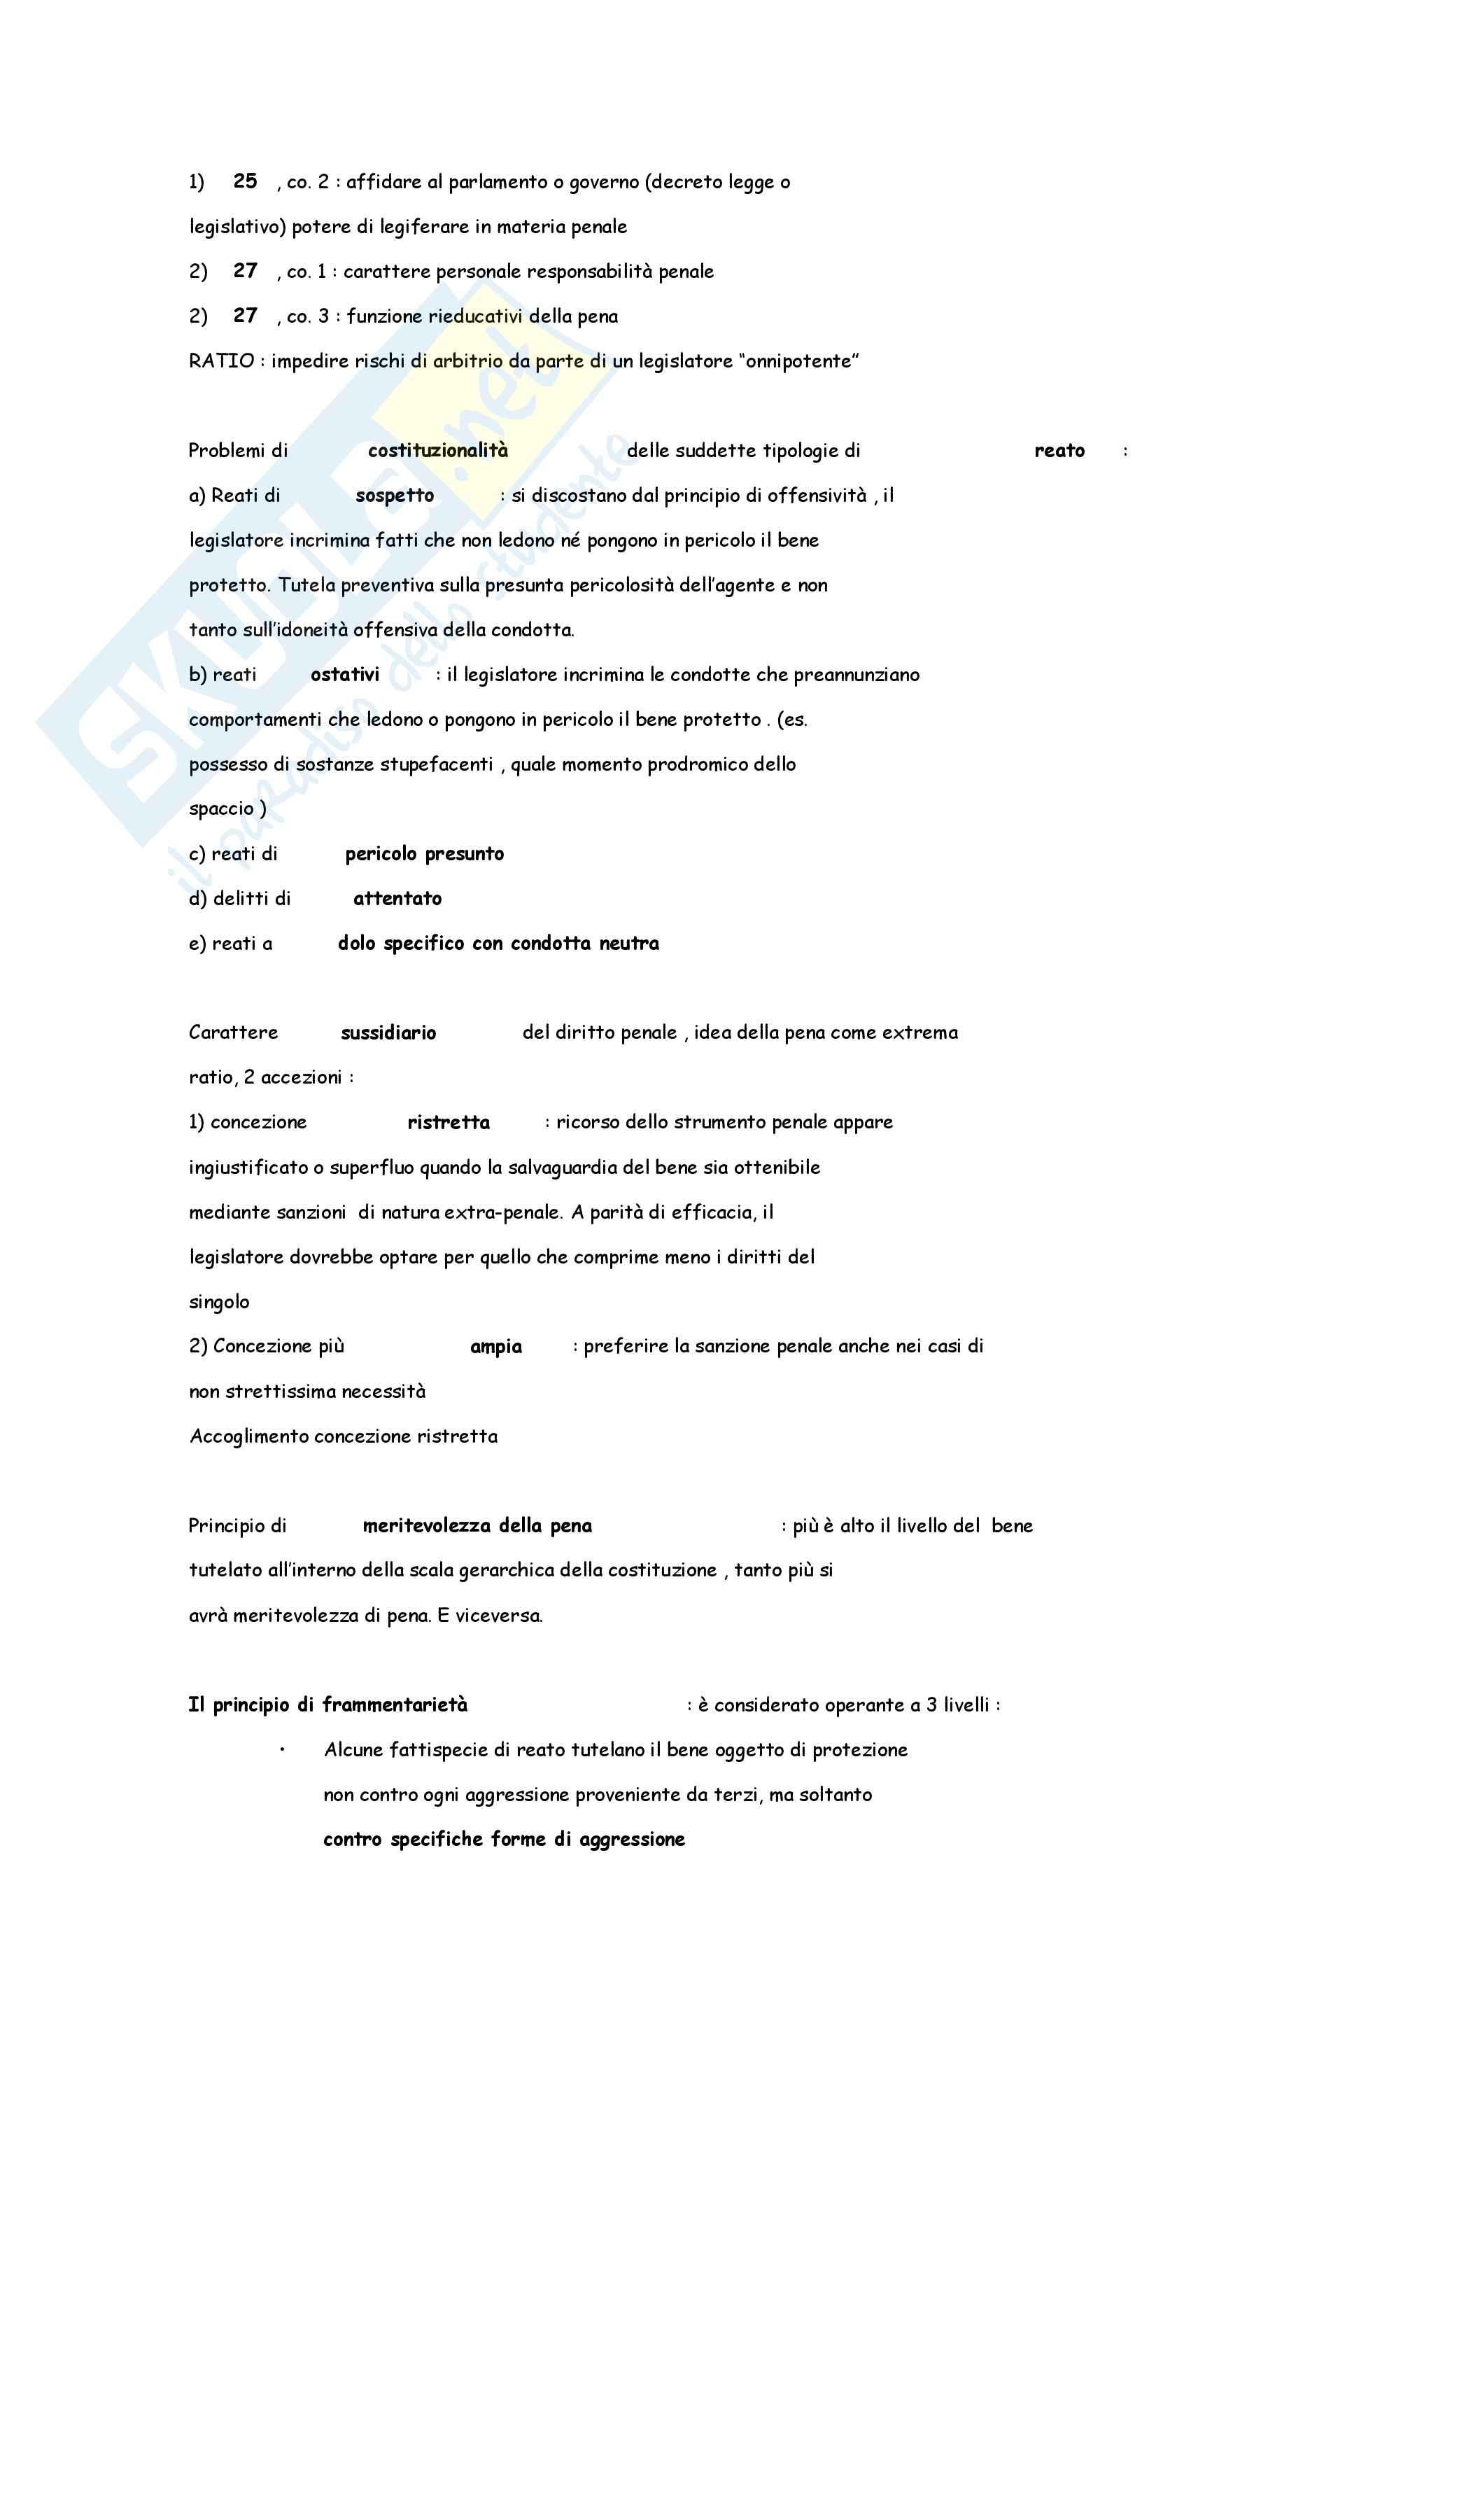 Diritto penale - nozioni generali Pag. 2